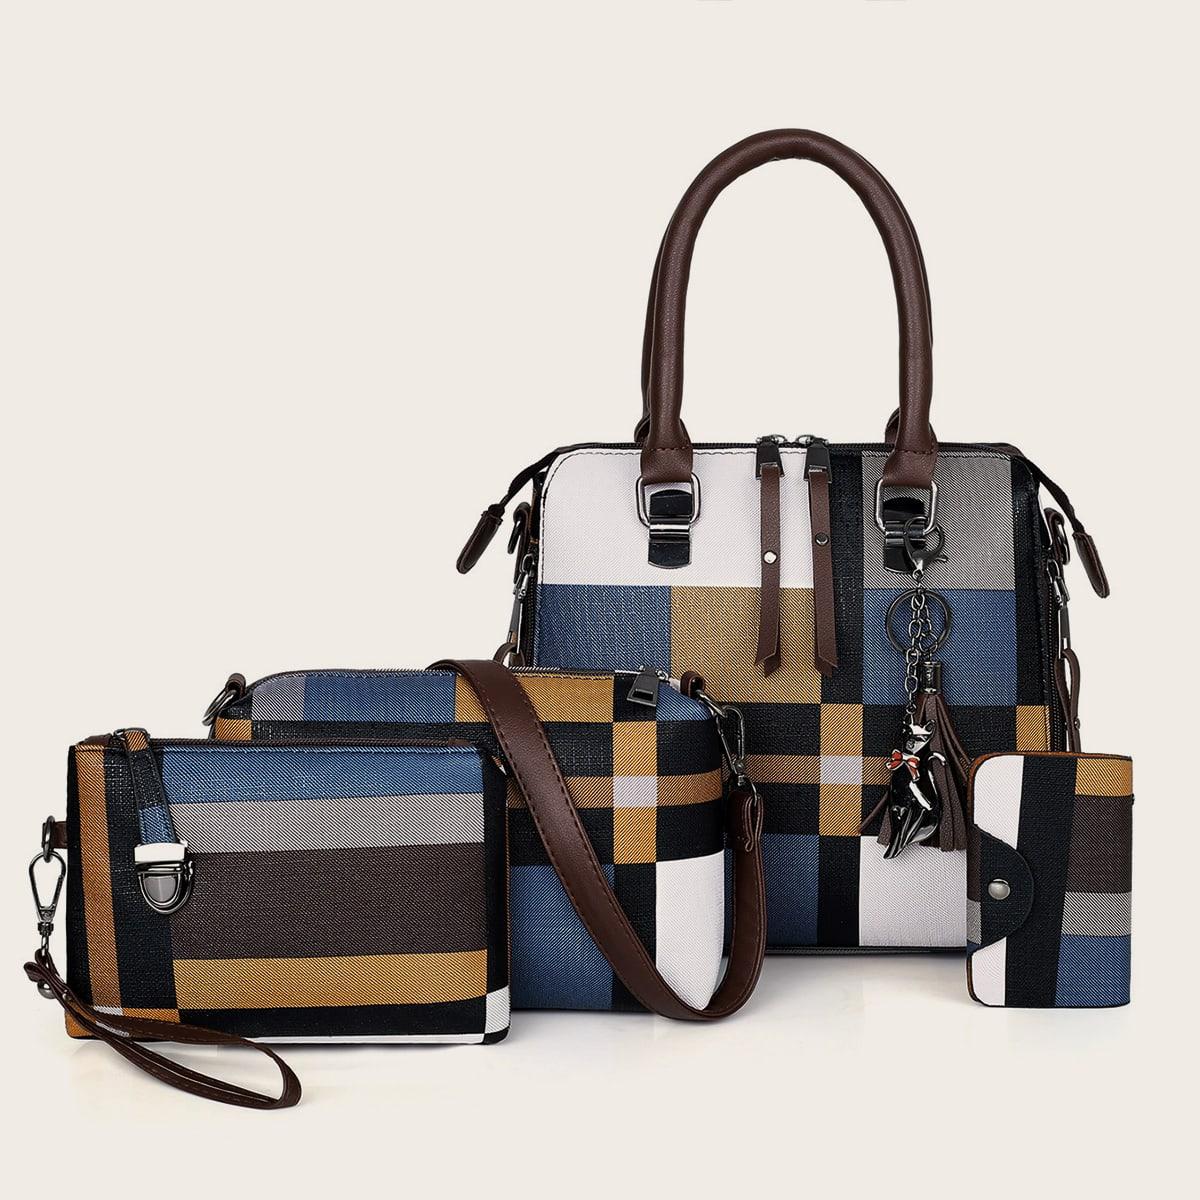 многоцветный Контрастный цвет Повседневный Набор сумок SheIn swbag03190912488